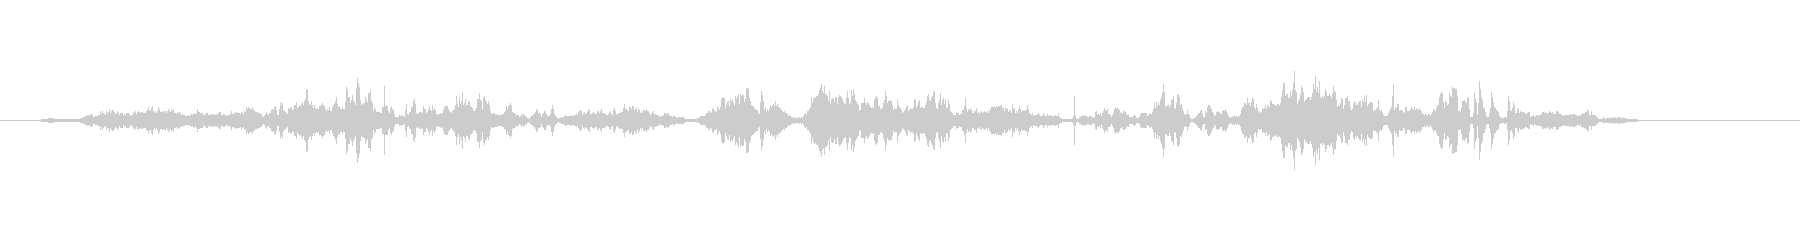 声のつぶやき-日本の小グループ、ワラ将軍の未再生の波形